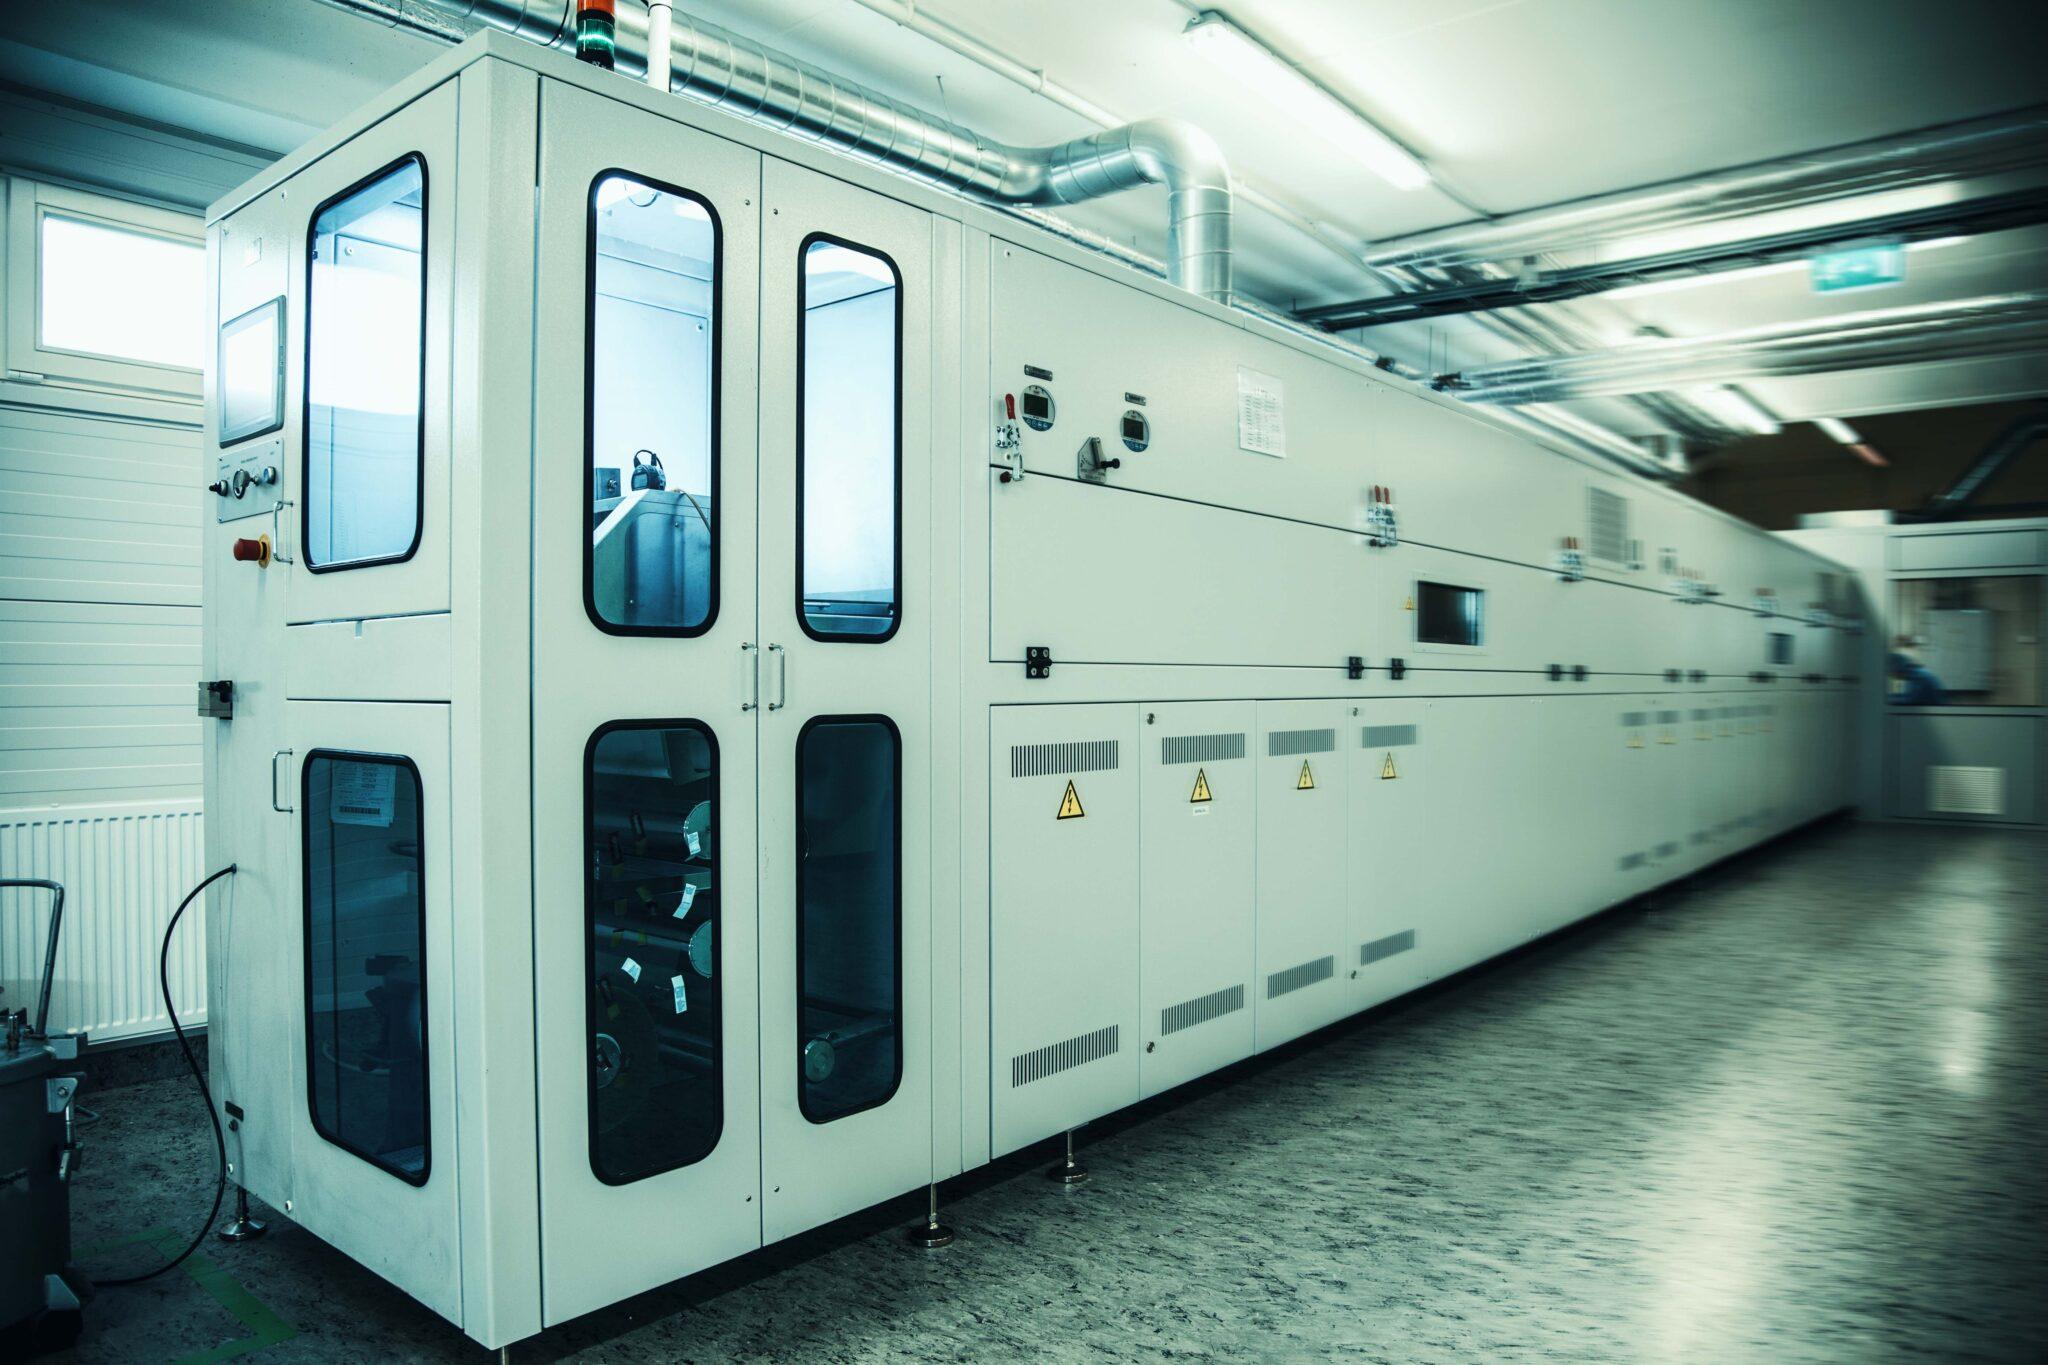 Komposiitplaatide tootmisseadmete soetamiseks ja uue tehase ehitamiseks sai Elcogen Euroopa Investeerimispangalt 12 miljonit eurot laenu. Foto: Elcogen